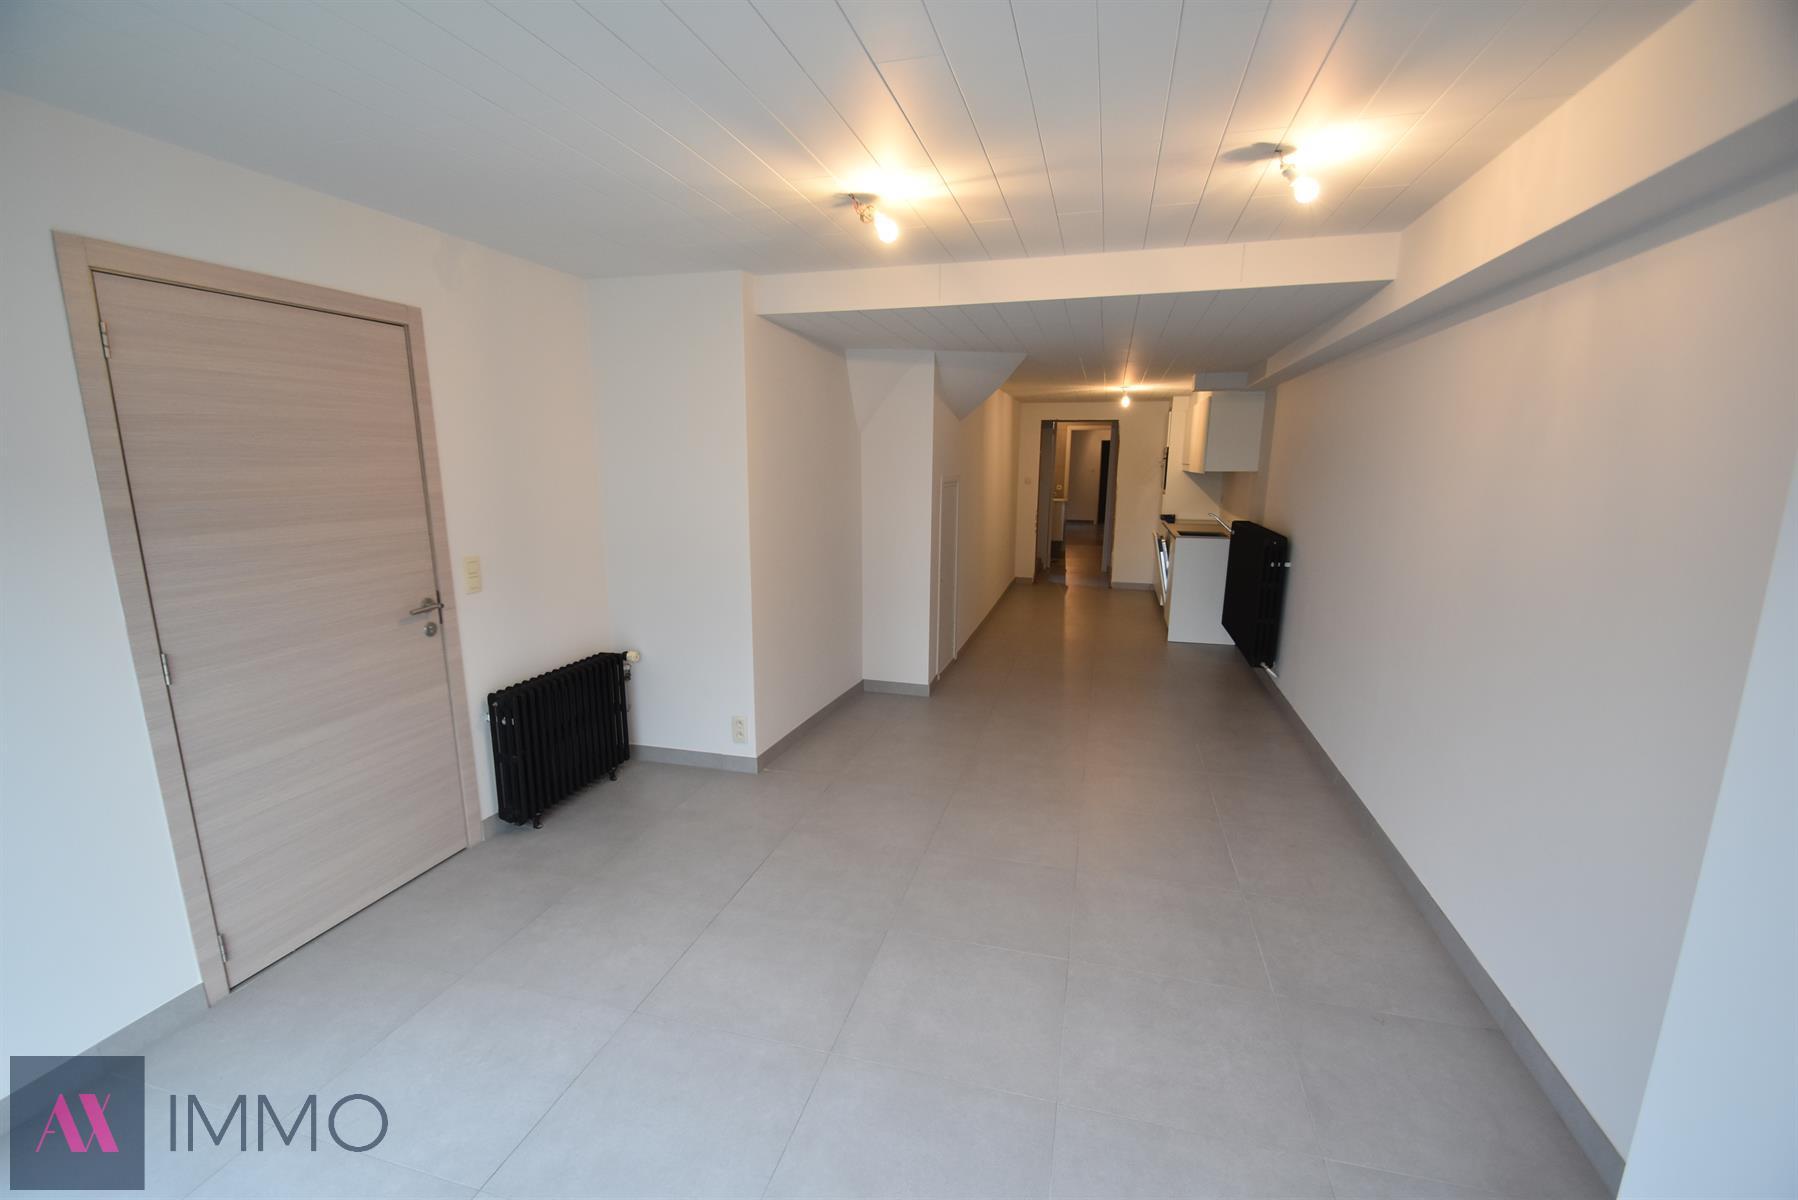 Volledig vernieuwd gelijkvloers 2-slaapkamerappartement met terras en garage. Onmiddellijk beschikbaar.